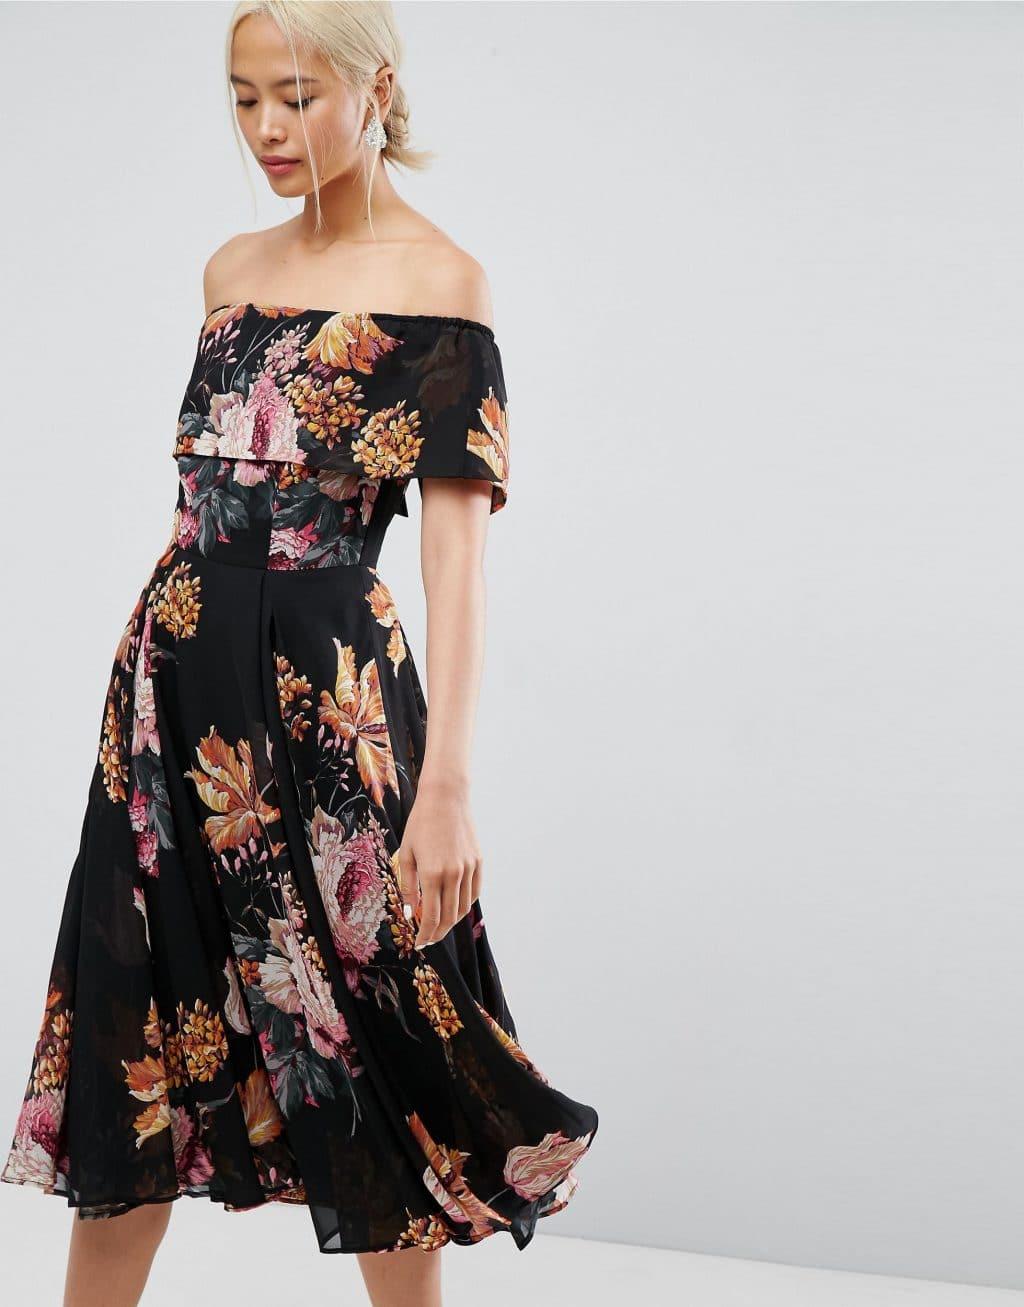 ASOS Bardot Midi Multi / Floral Printed Dress - We Select Dresses